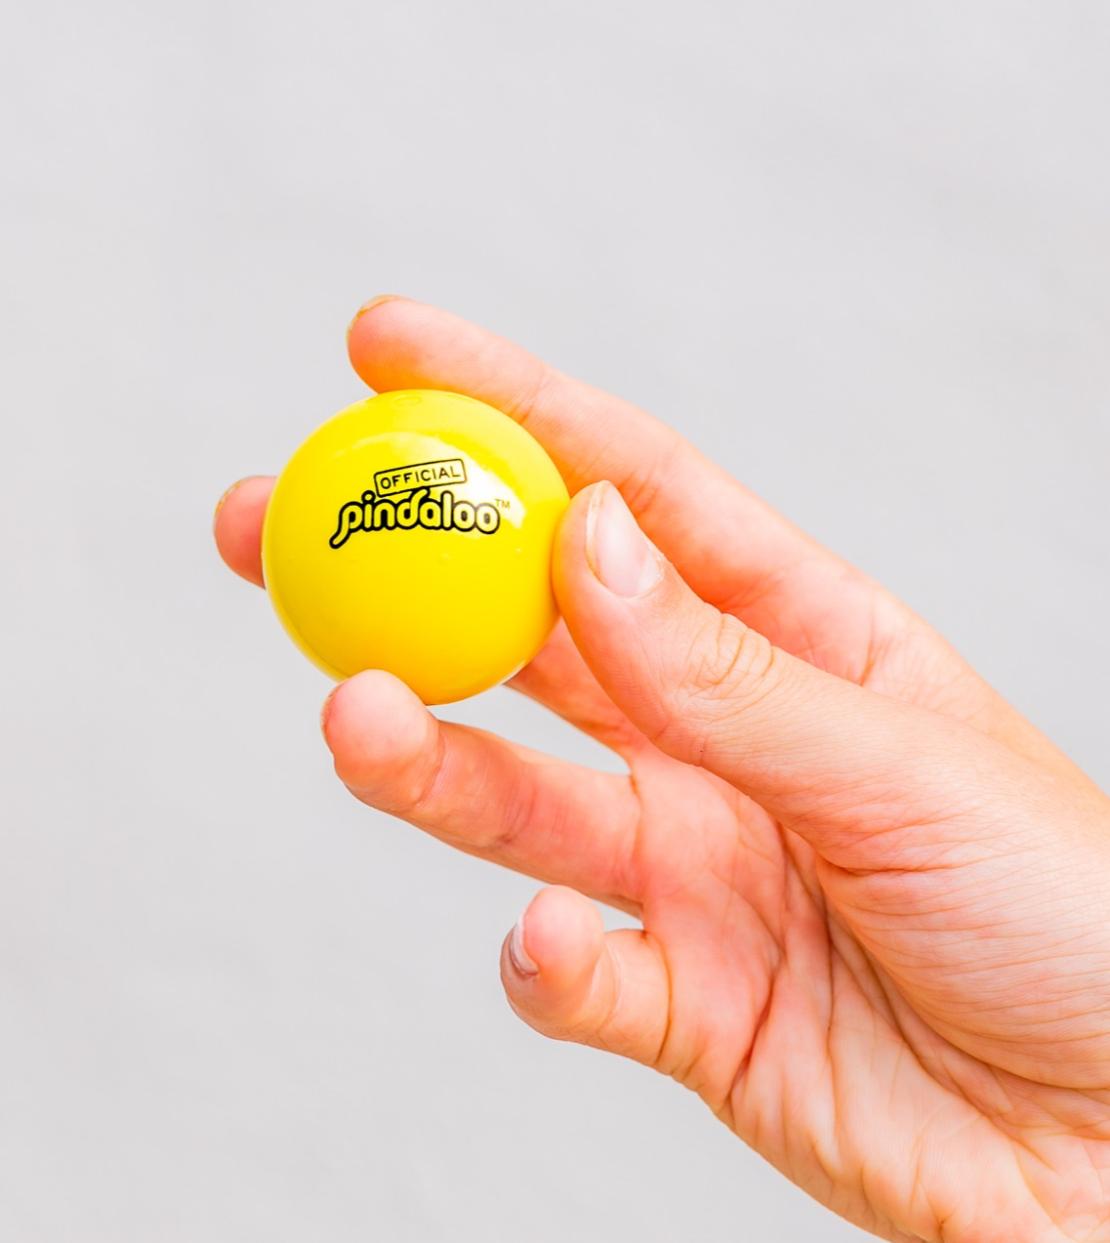 כדור צהוב רישמי של פינדלו - משחק לשיפור מוטוריקה וקורדינציה